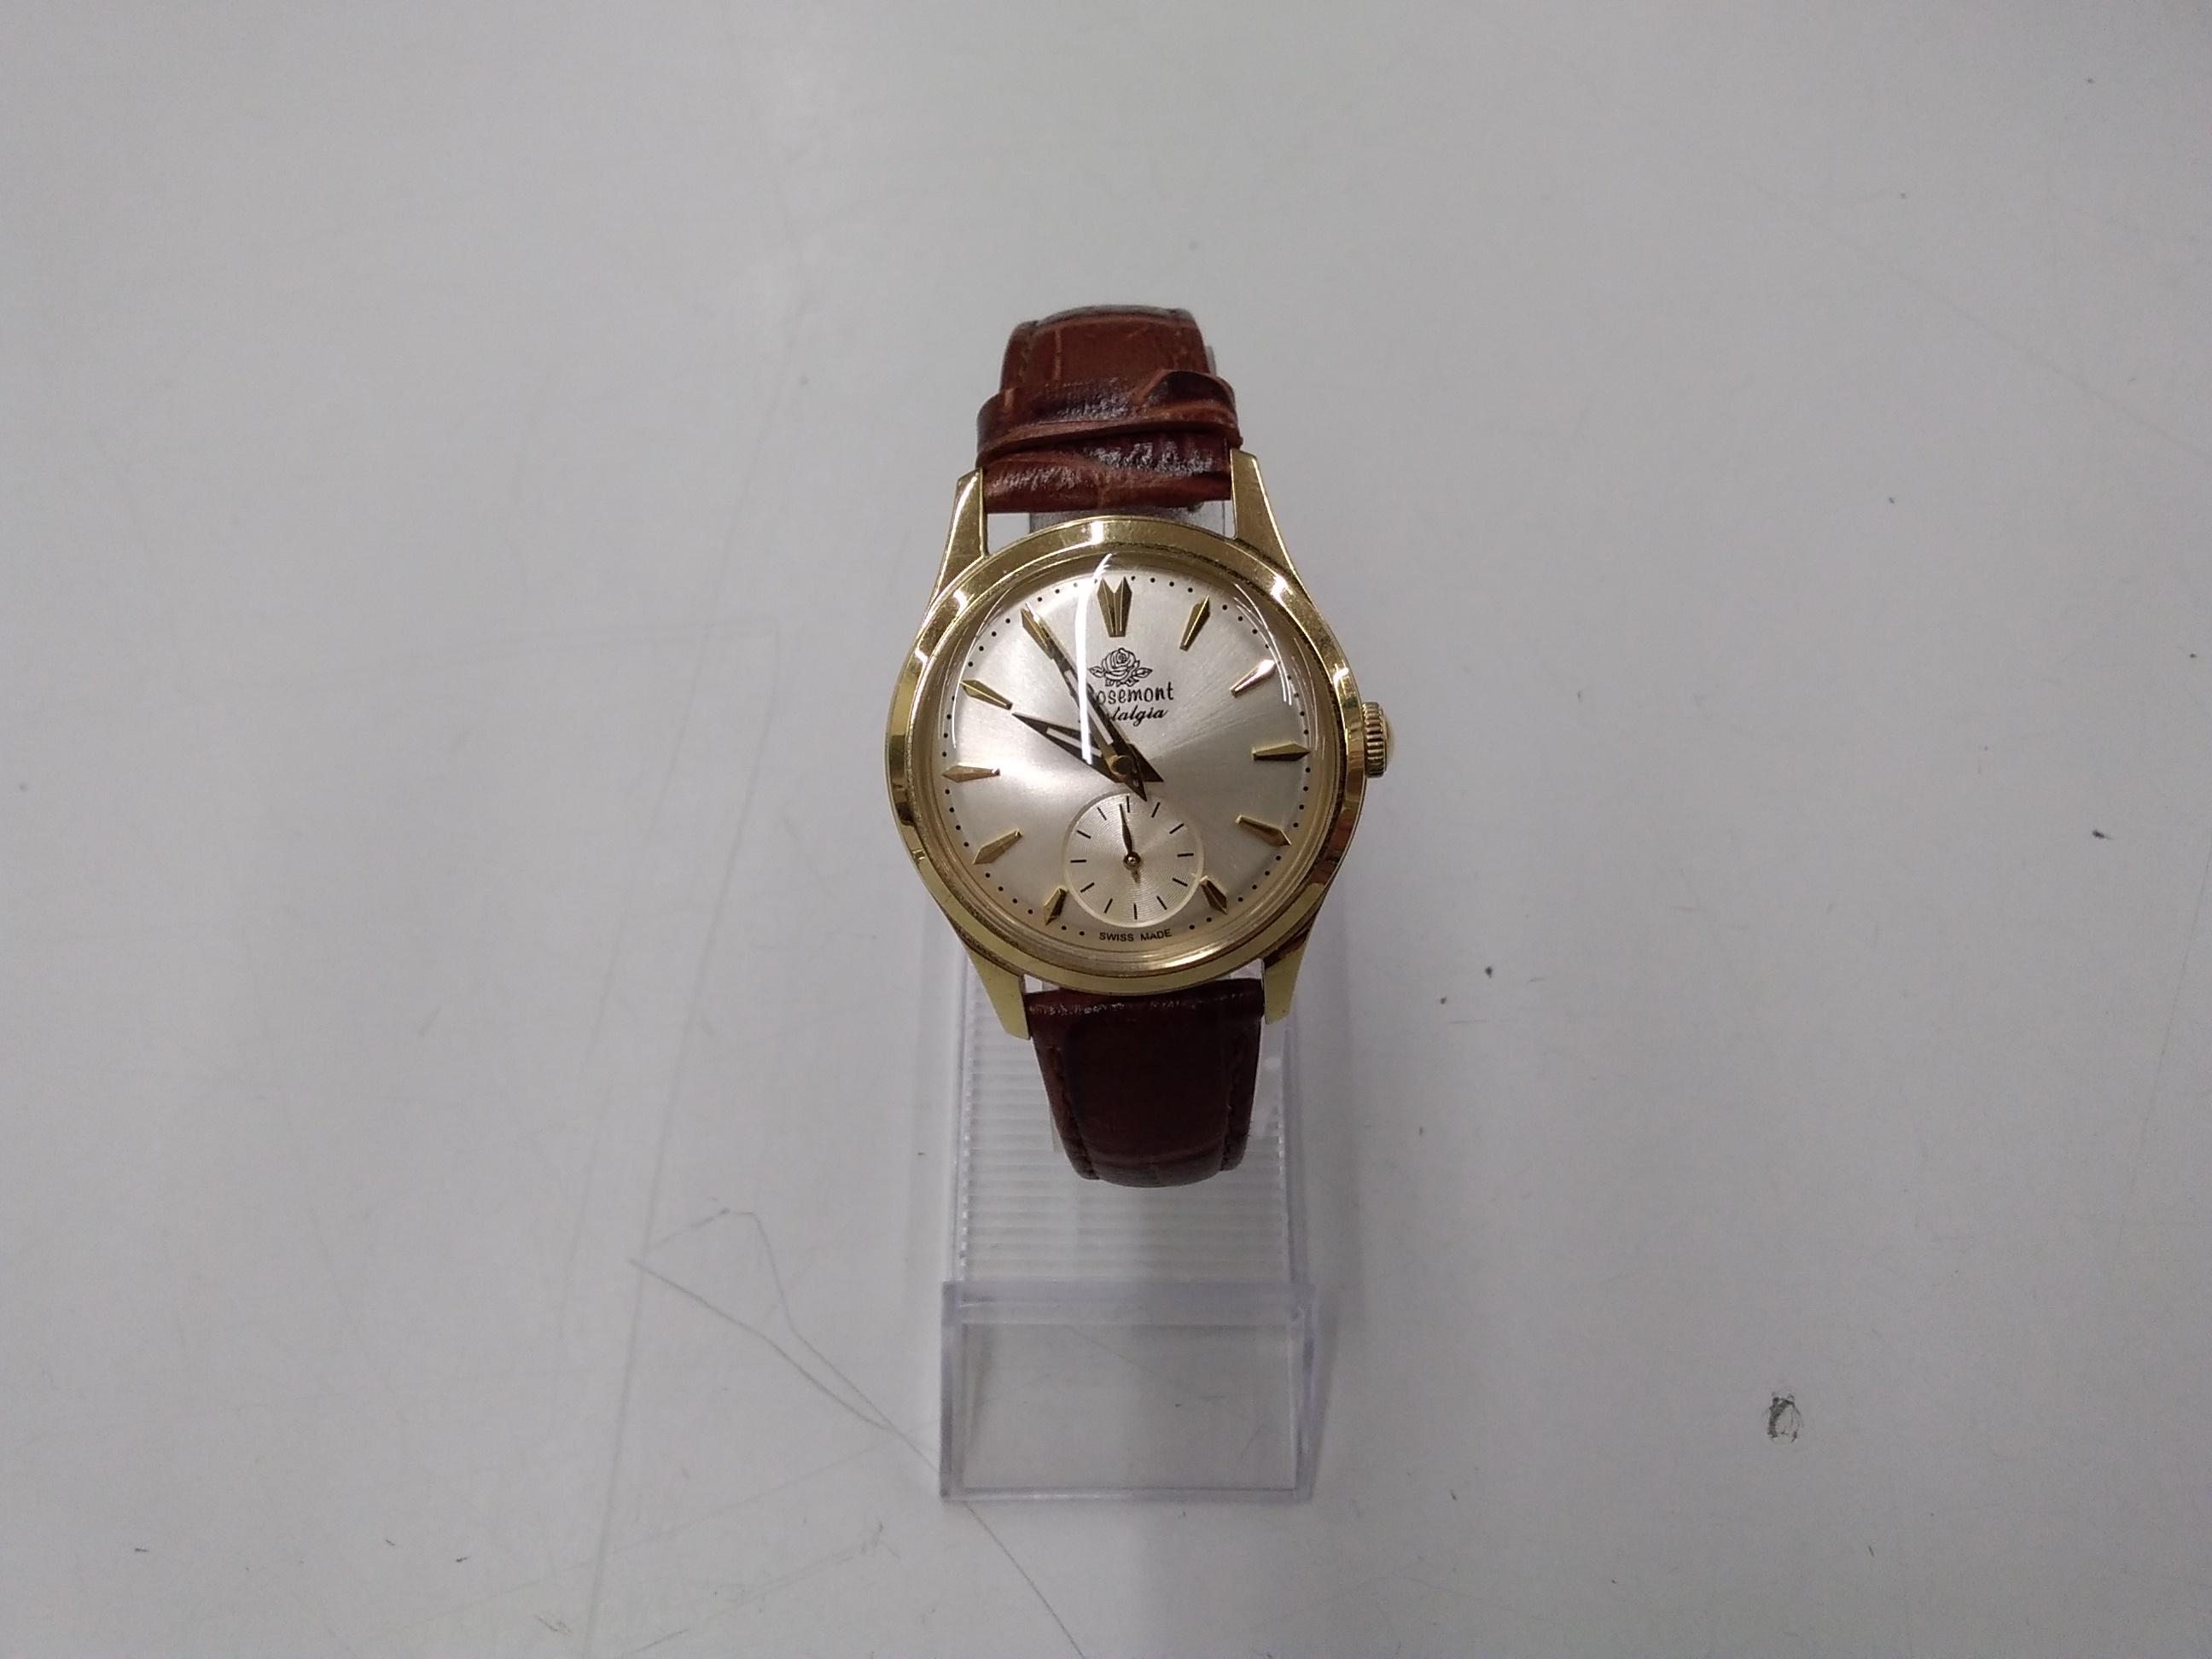 クォーツ腕時計 ROSEMONT